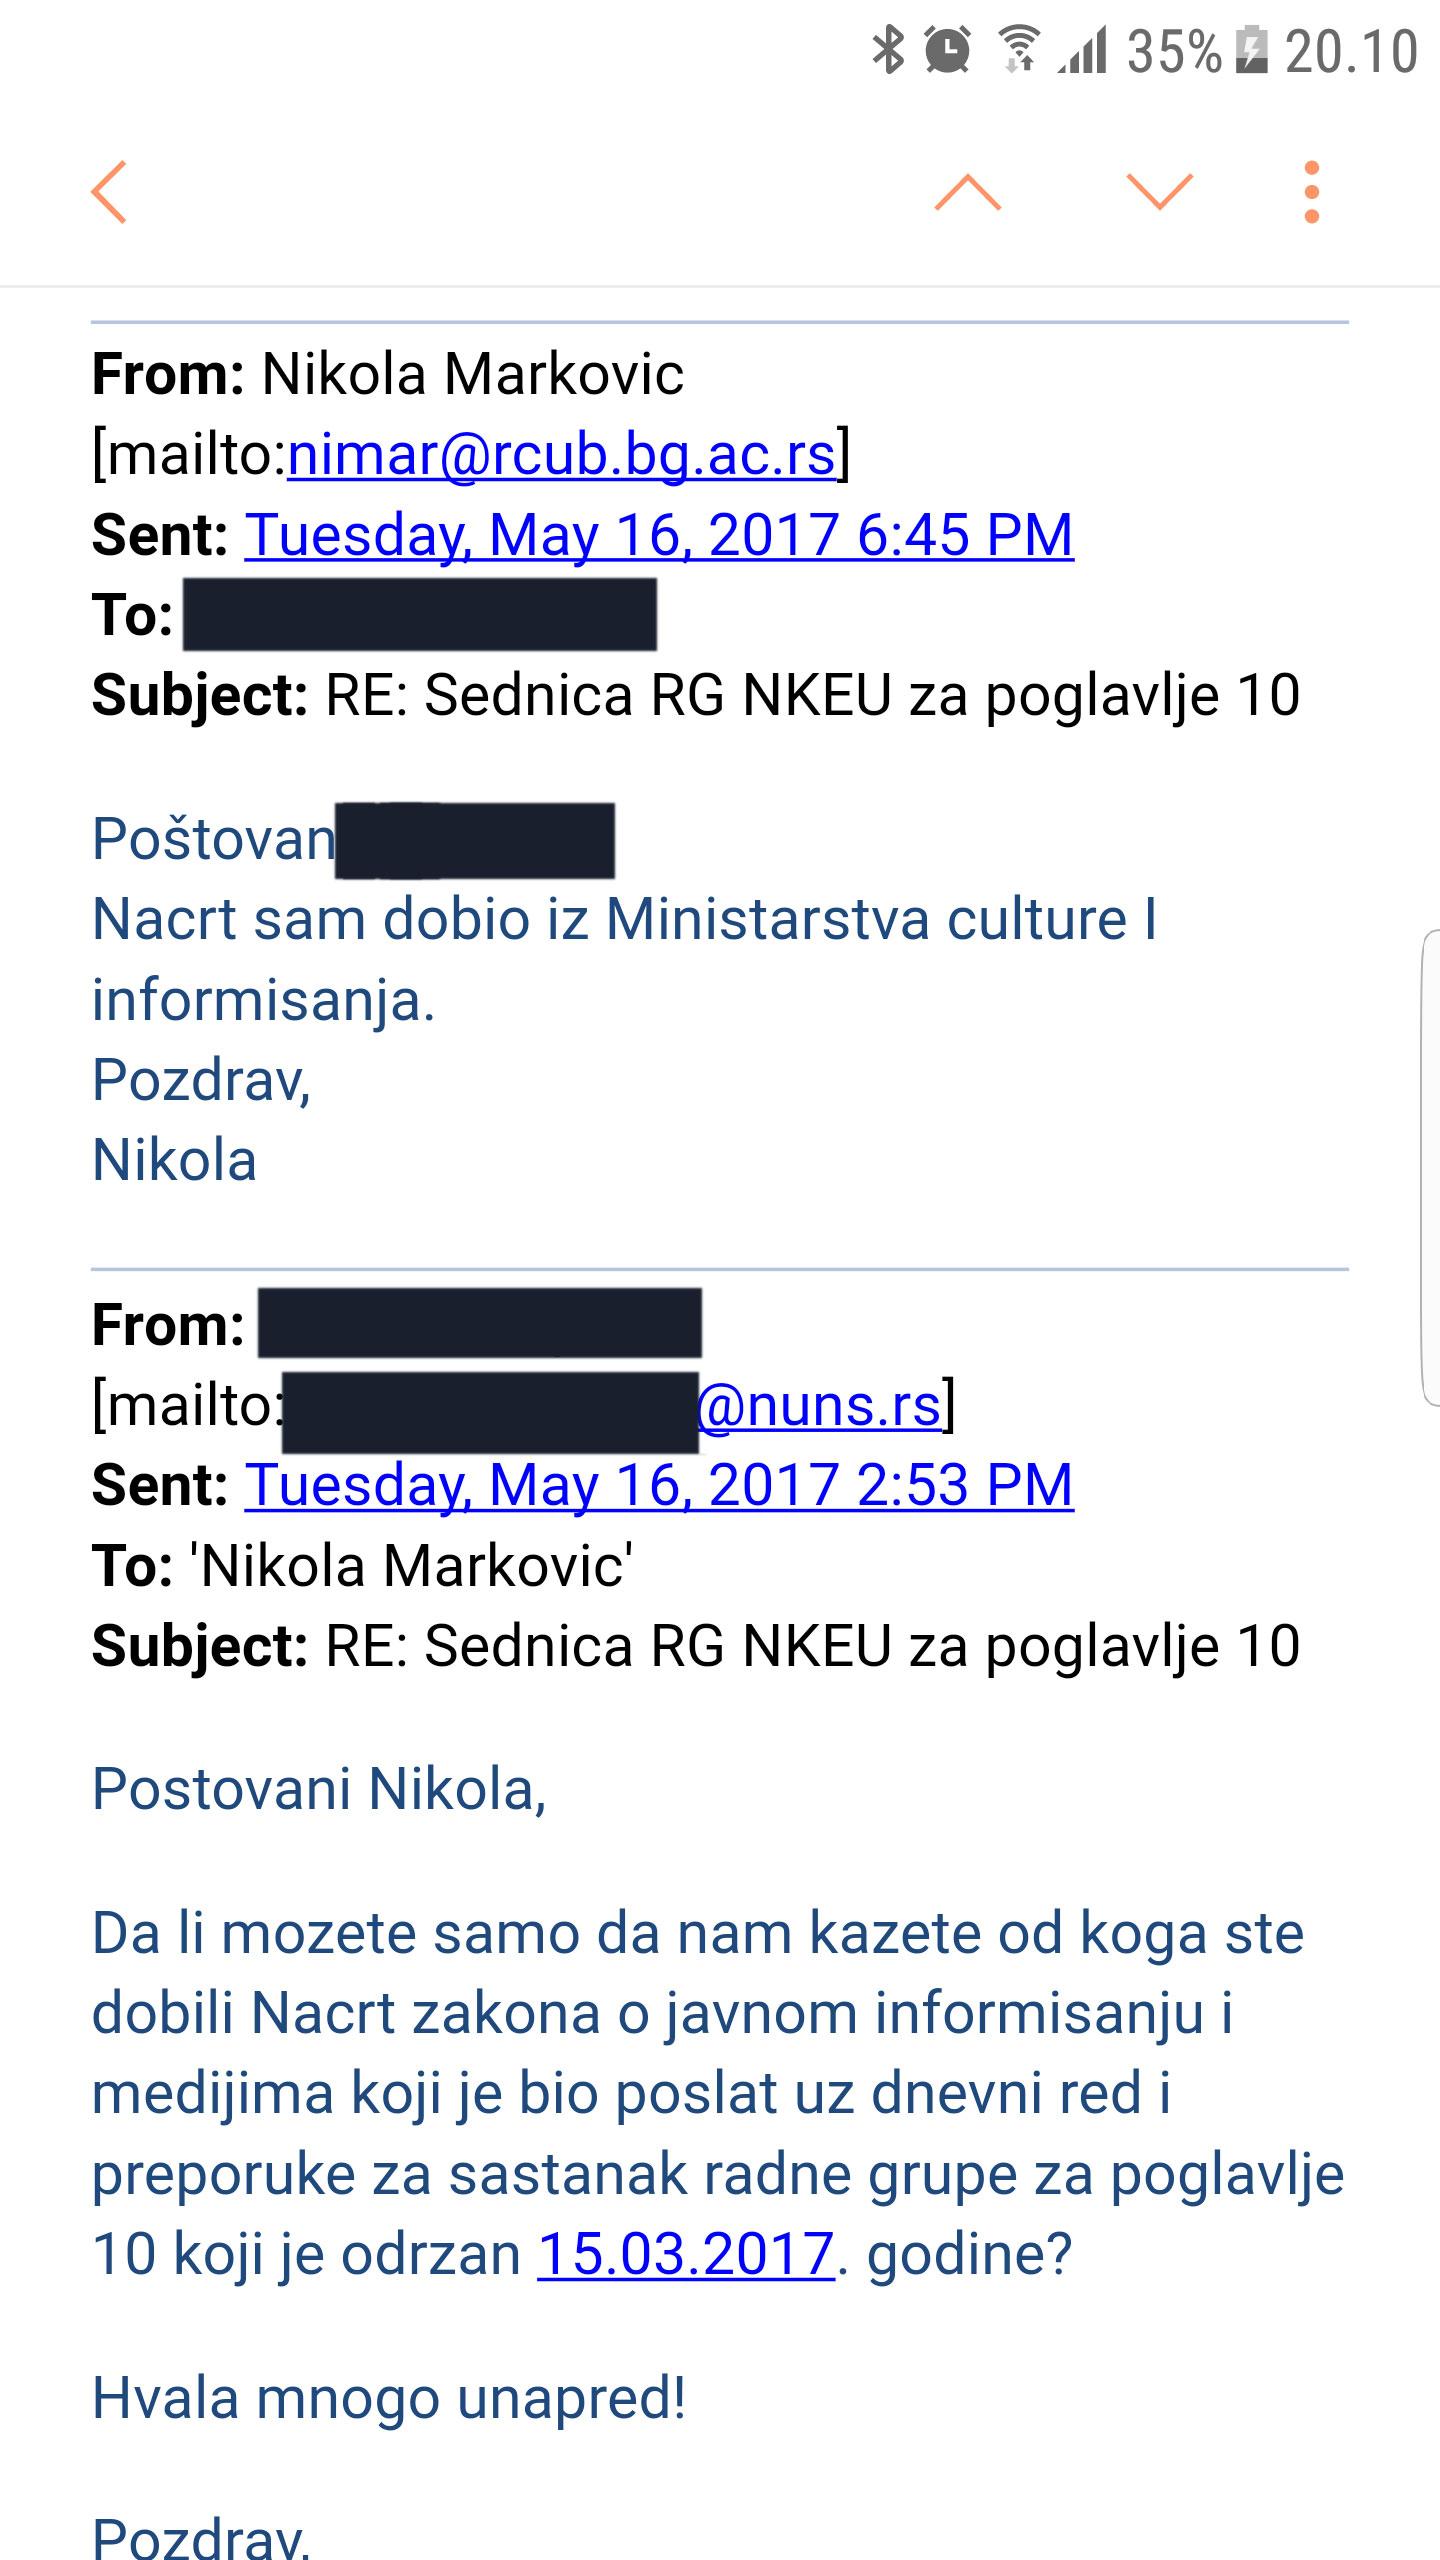 Mejl u kome Nikola Marković potvrđuje da je Nacrt dobio od Ministarstva informisanja; Foto: Slaviša Lekić/ printscreen